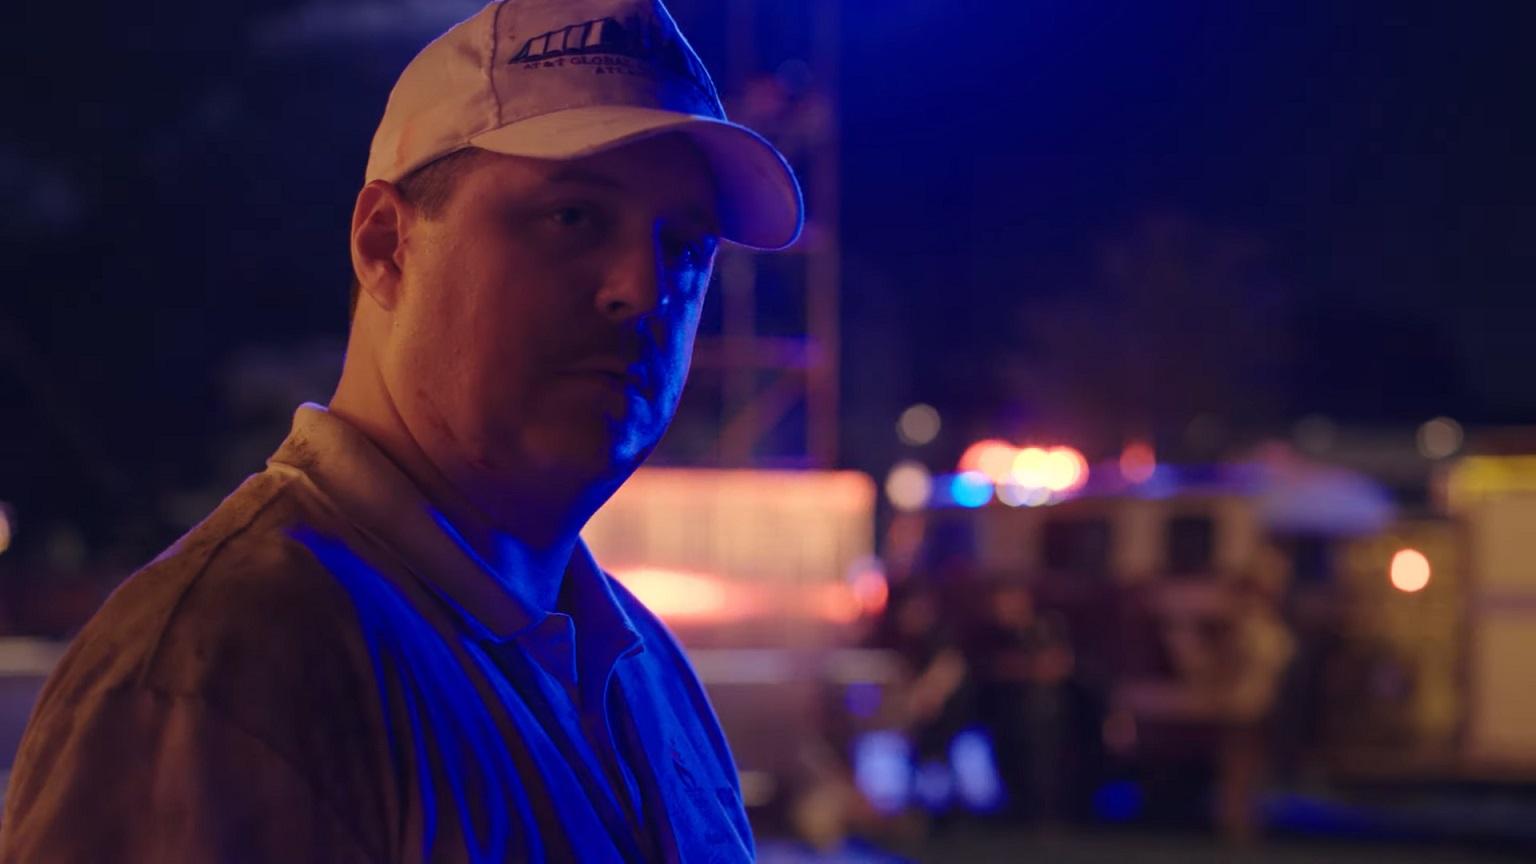 manhunt seconda stagione trama anticipazioni e quando esce